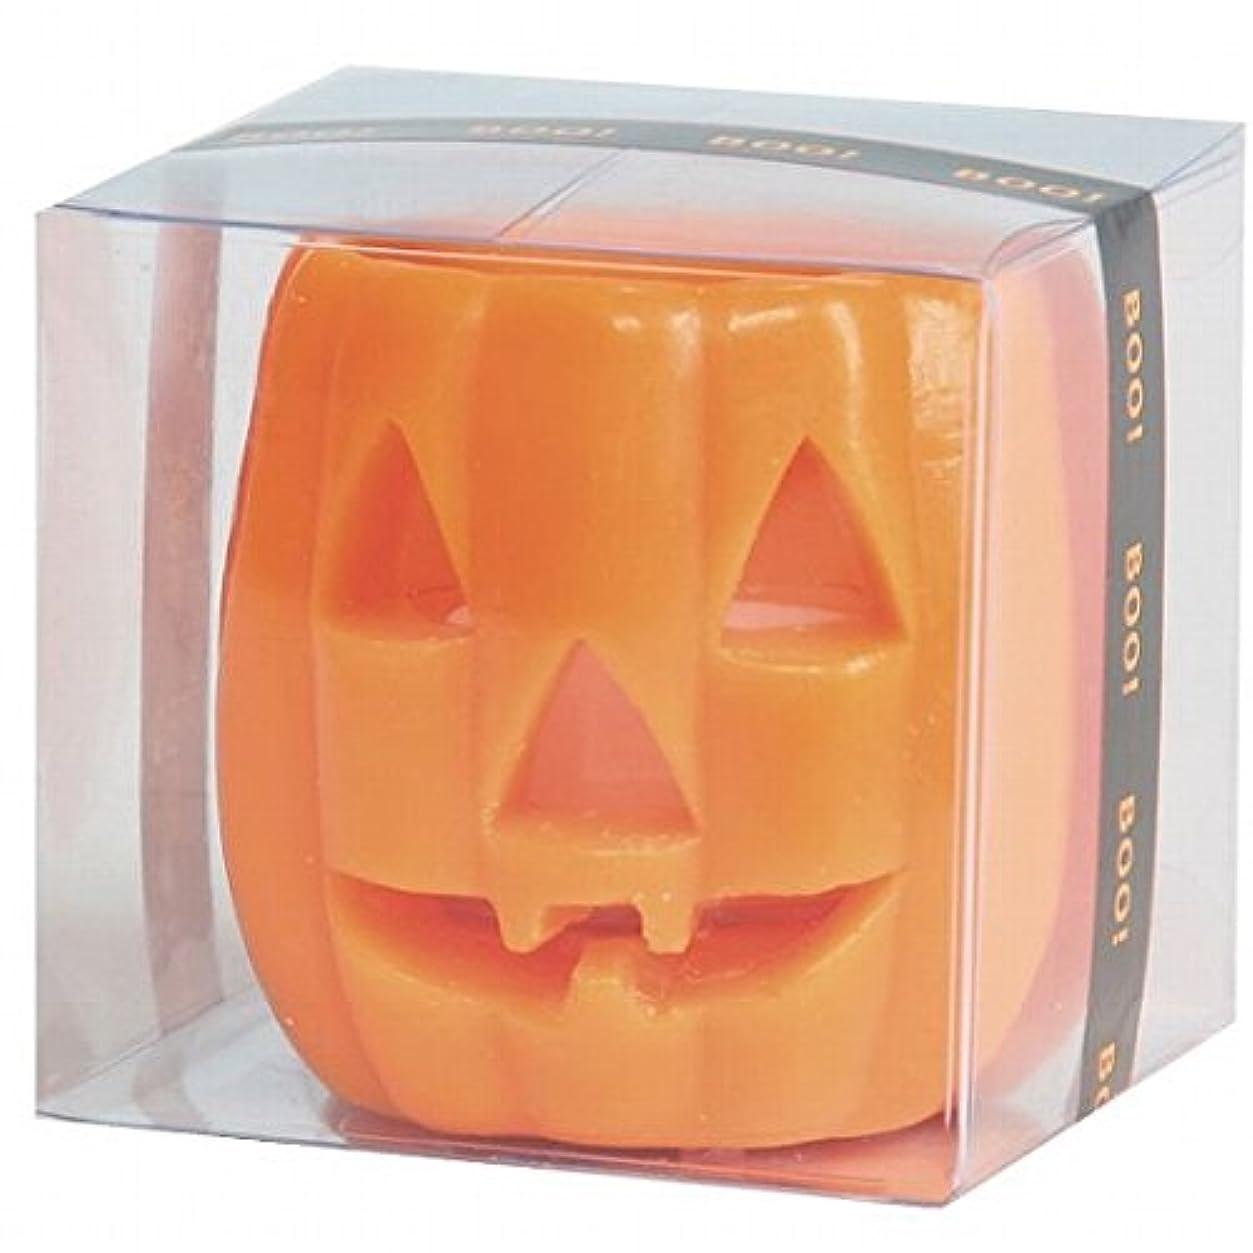 スロベニアメイトハイランドカメヤマキャンドル(kameyama candle) パンプキンフェイスS 「 オレンジ 」 キャンドル